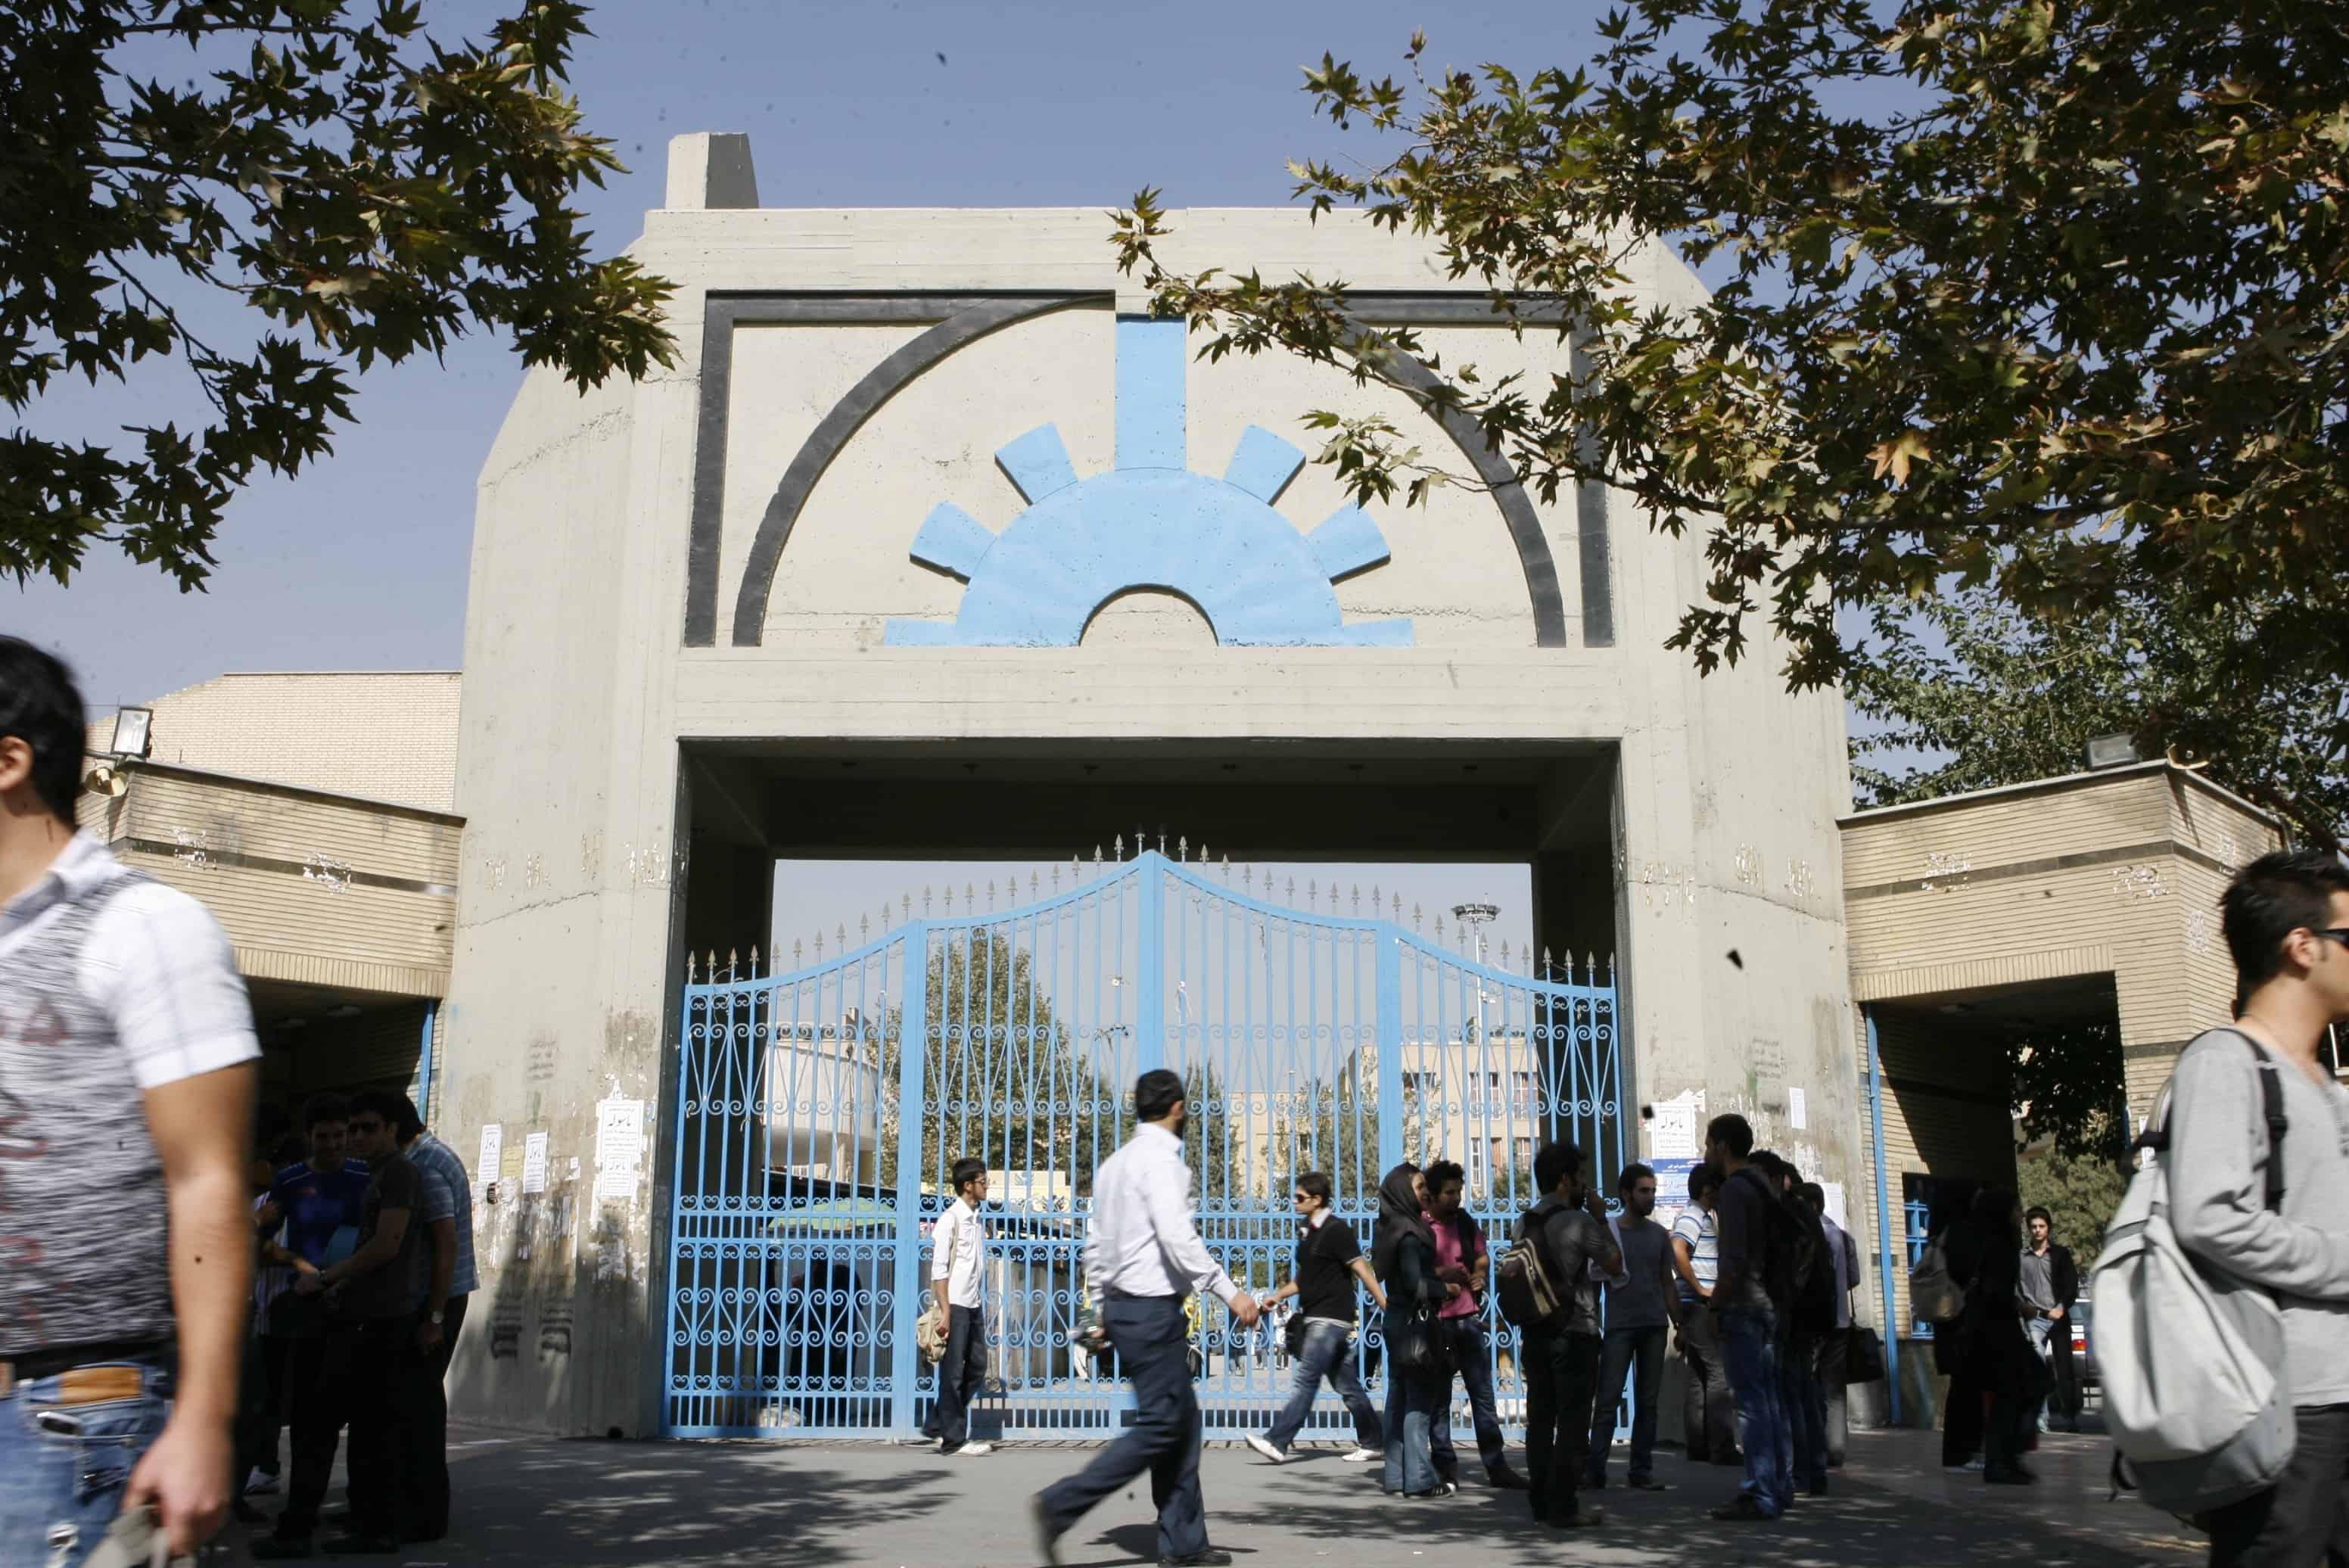 چطور خودم رو به دانشکده فنی دانشگاه آزاد تهران جنوب برسونم؟